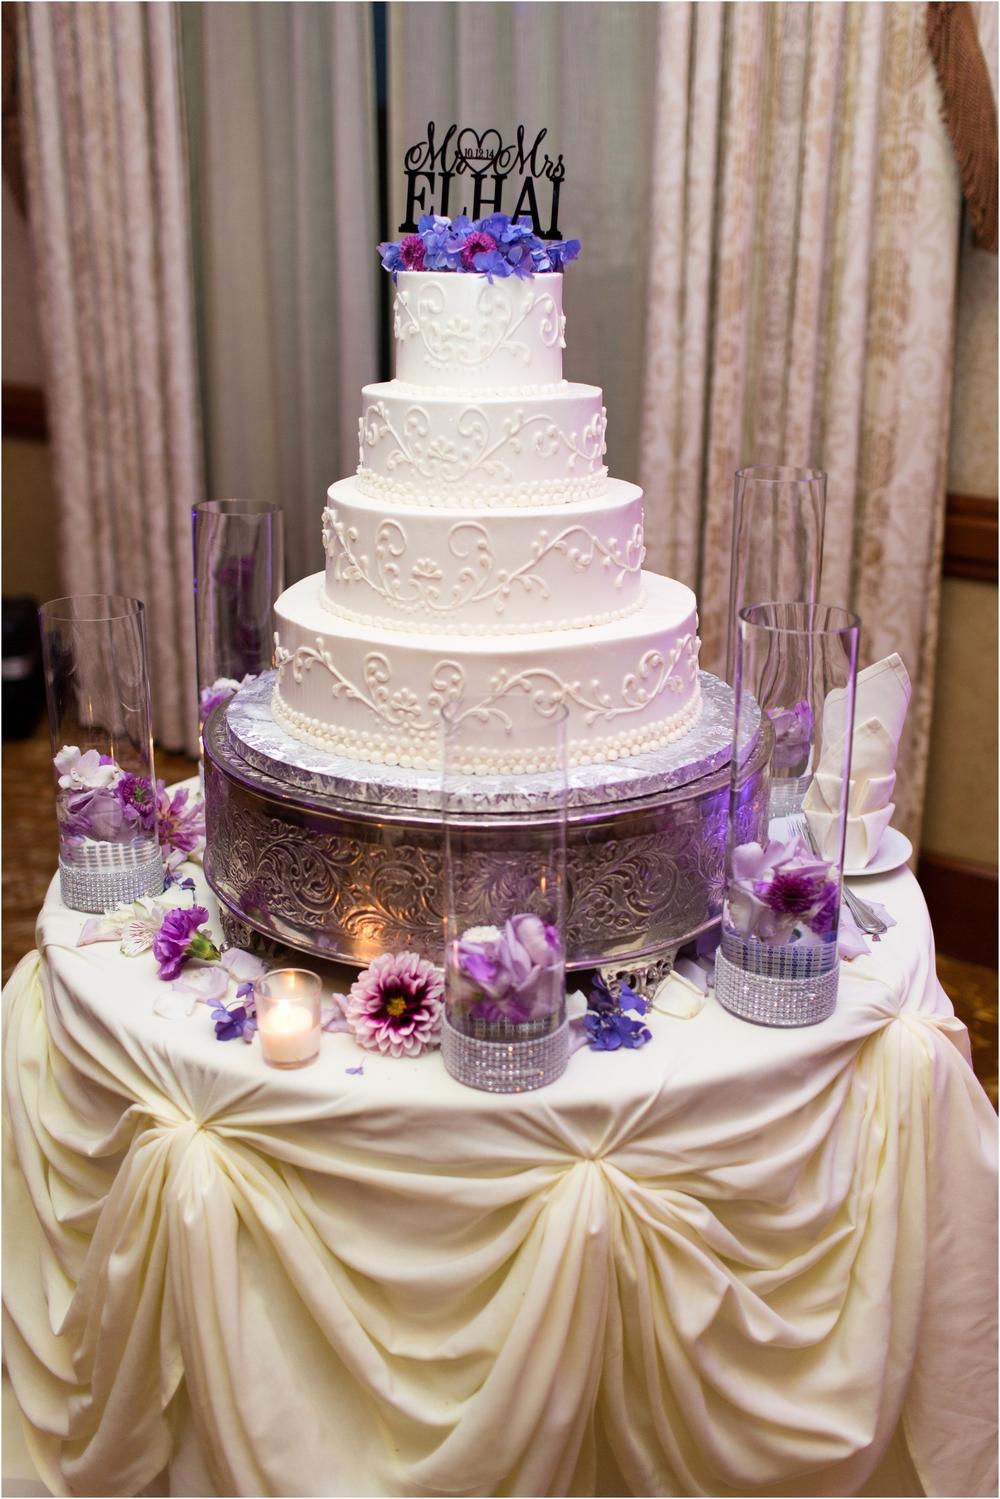 Elhai-Wedding-7-Reception-1244.jpg